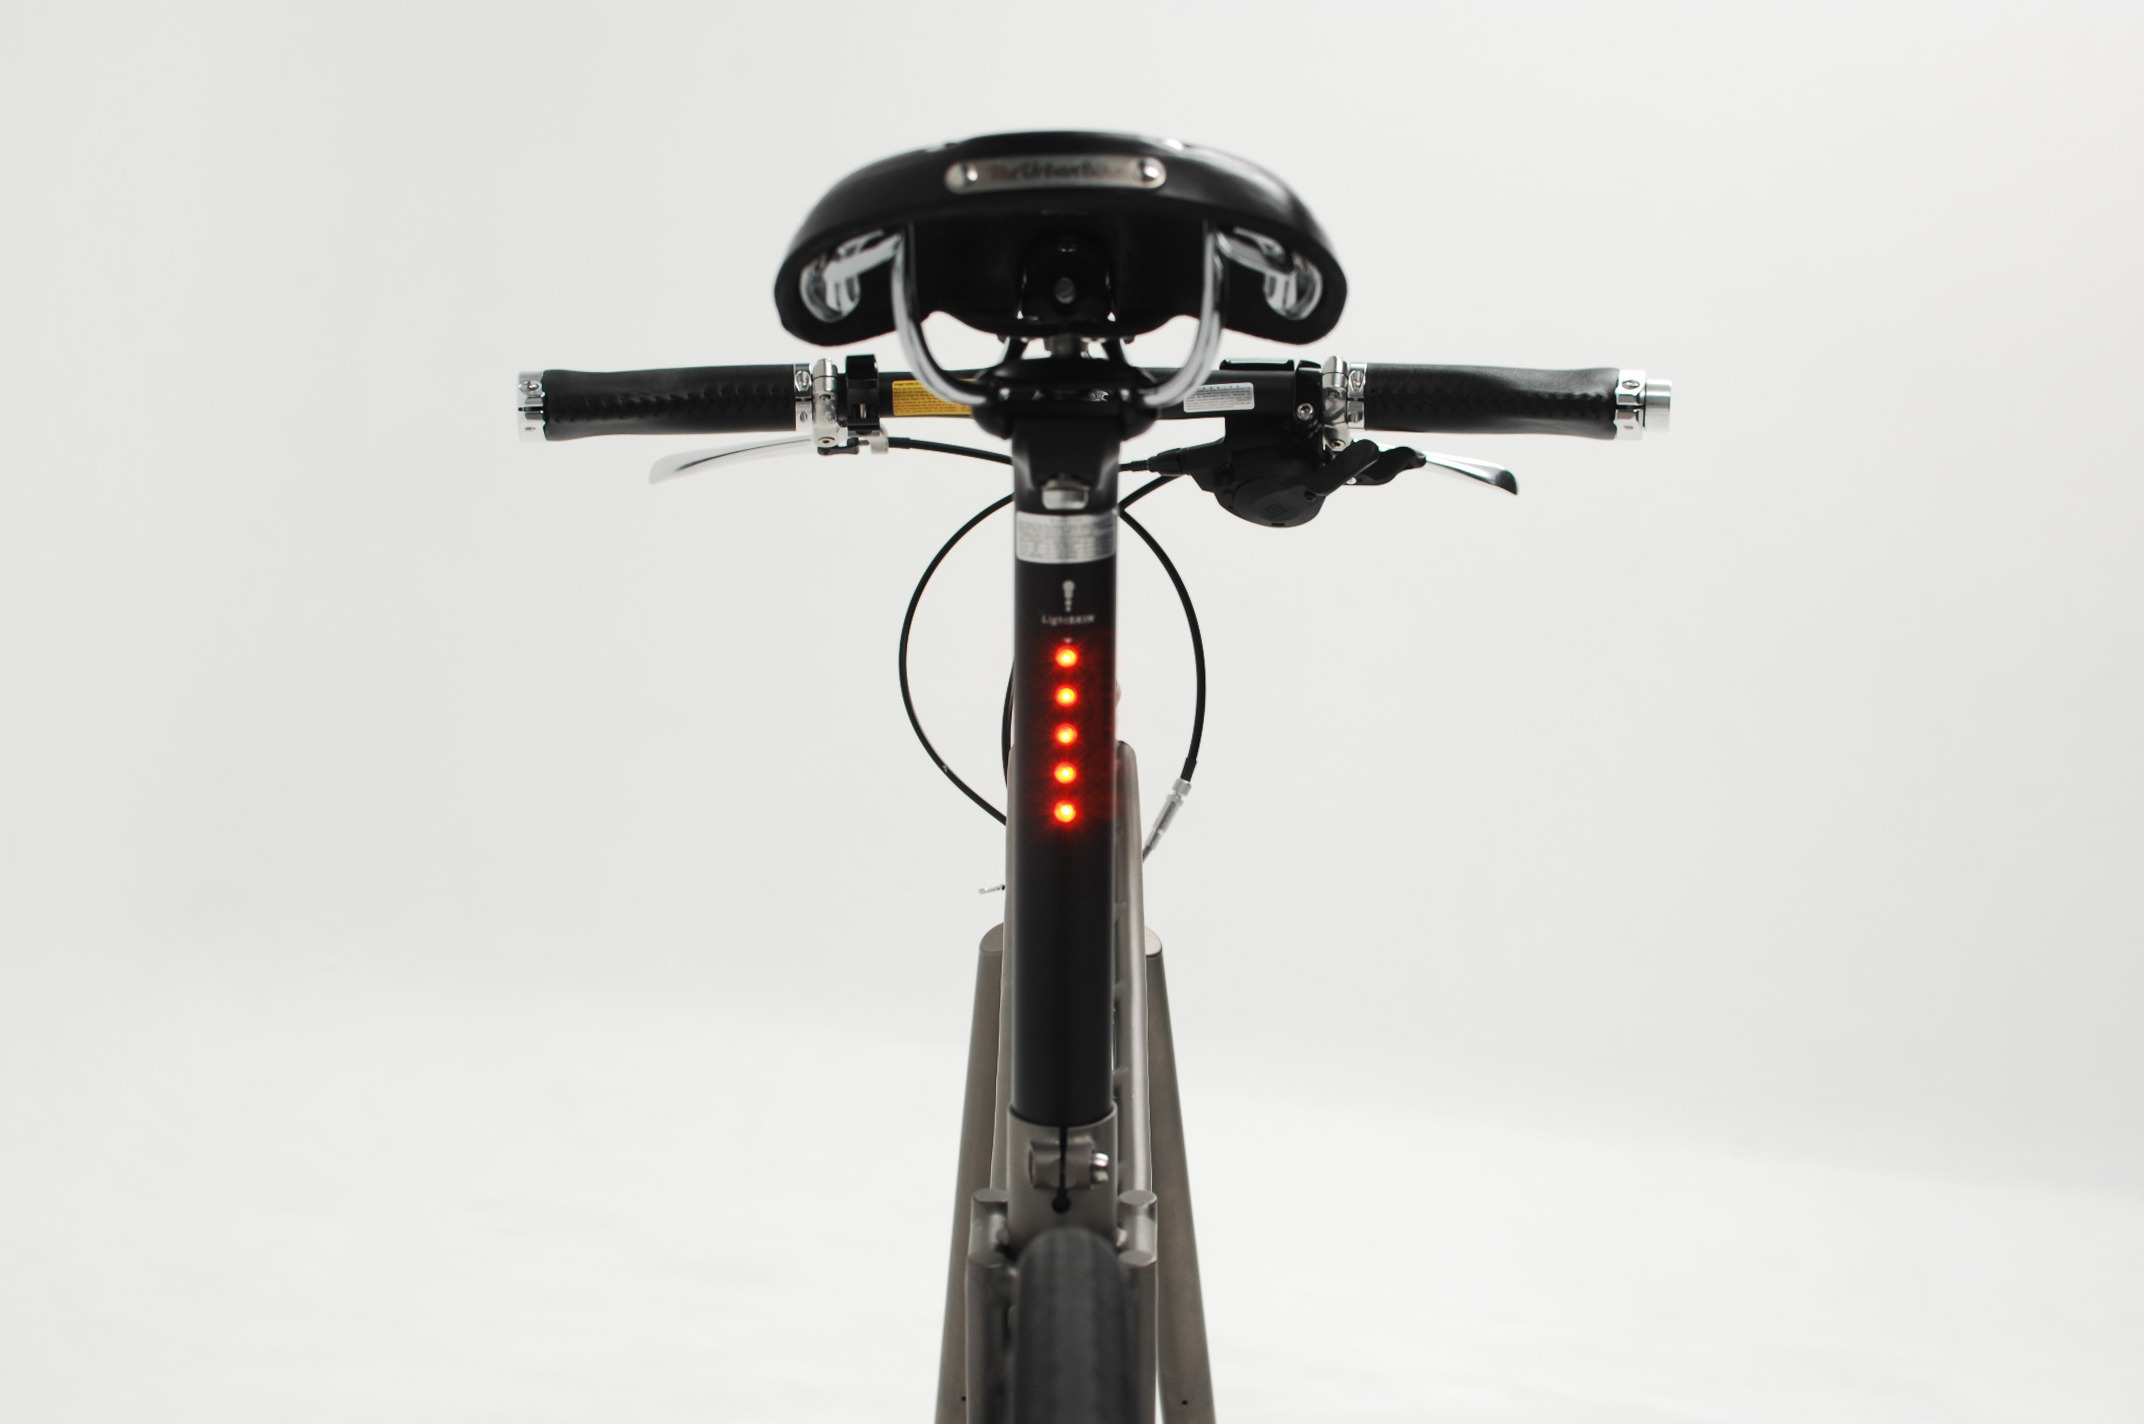 lightskin LED seatpost